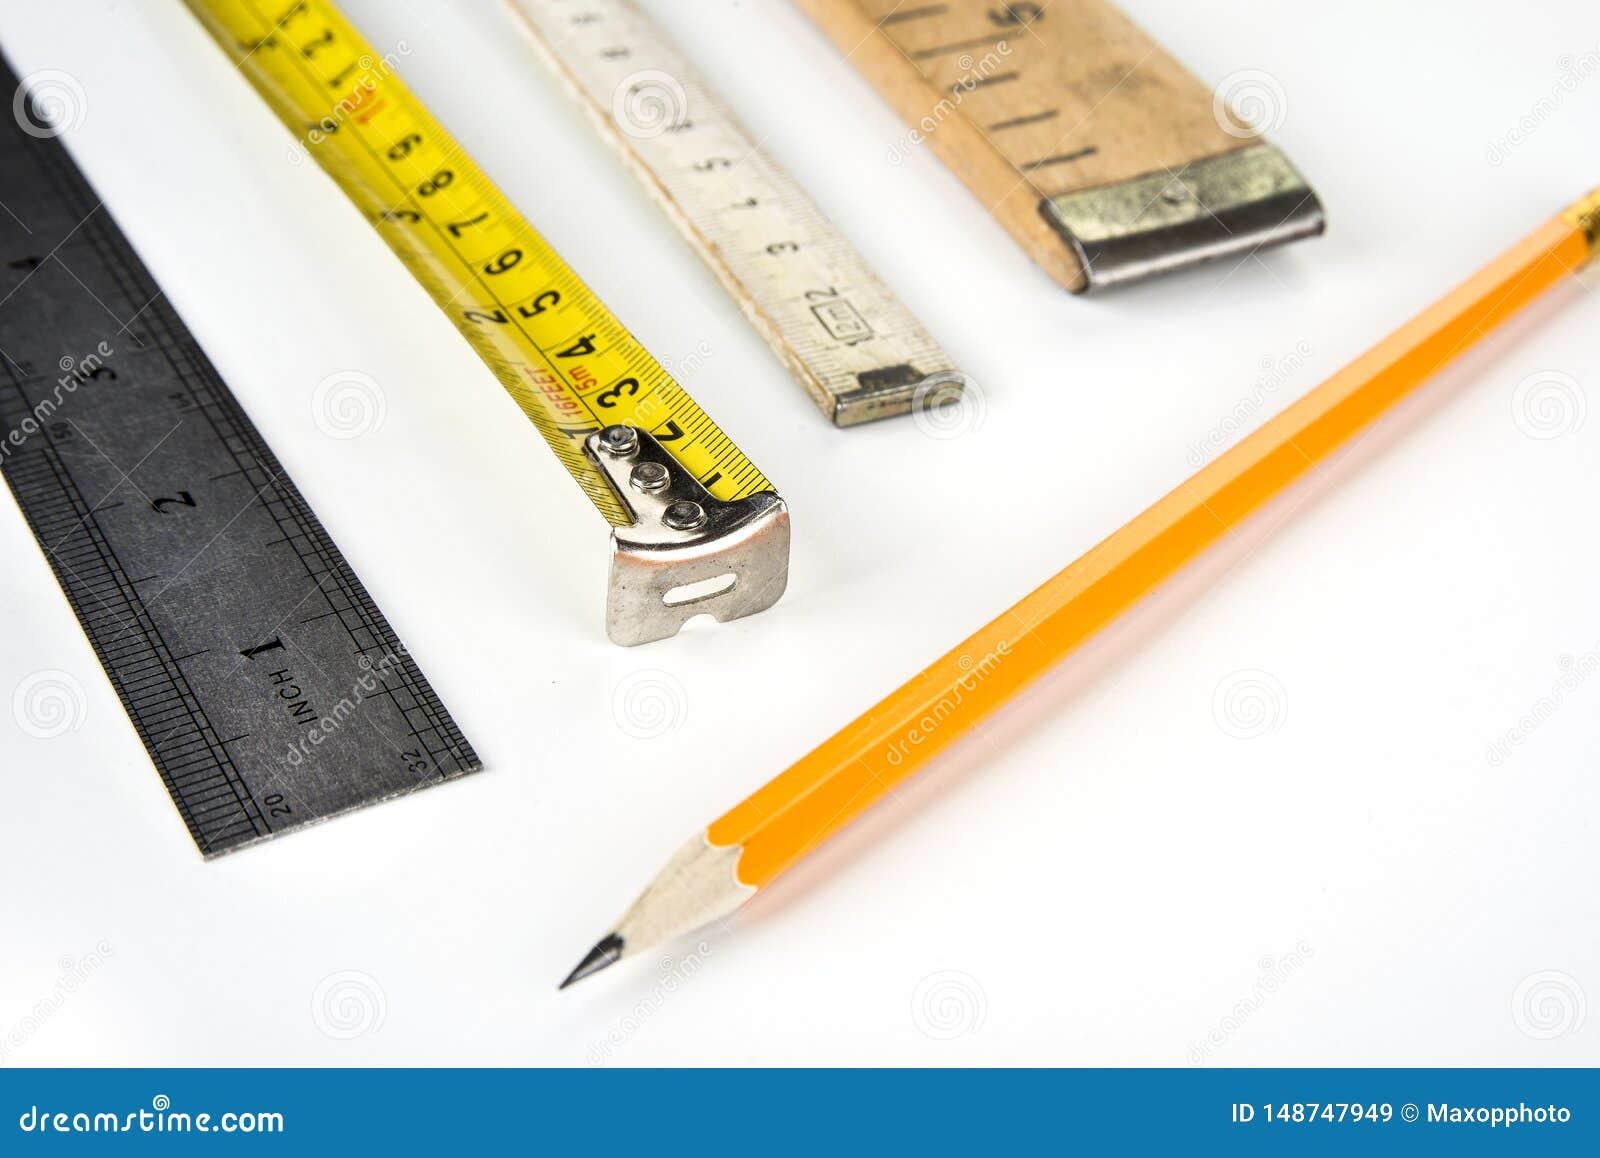 在白色背景的各种各样的米与铅笔